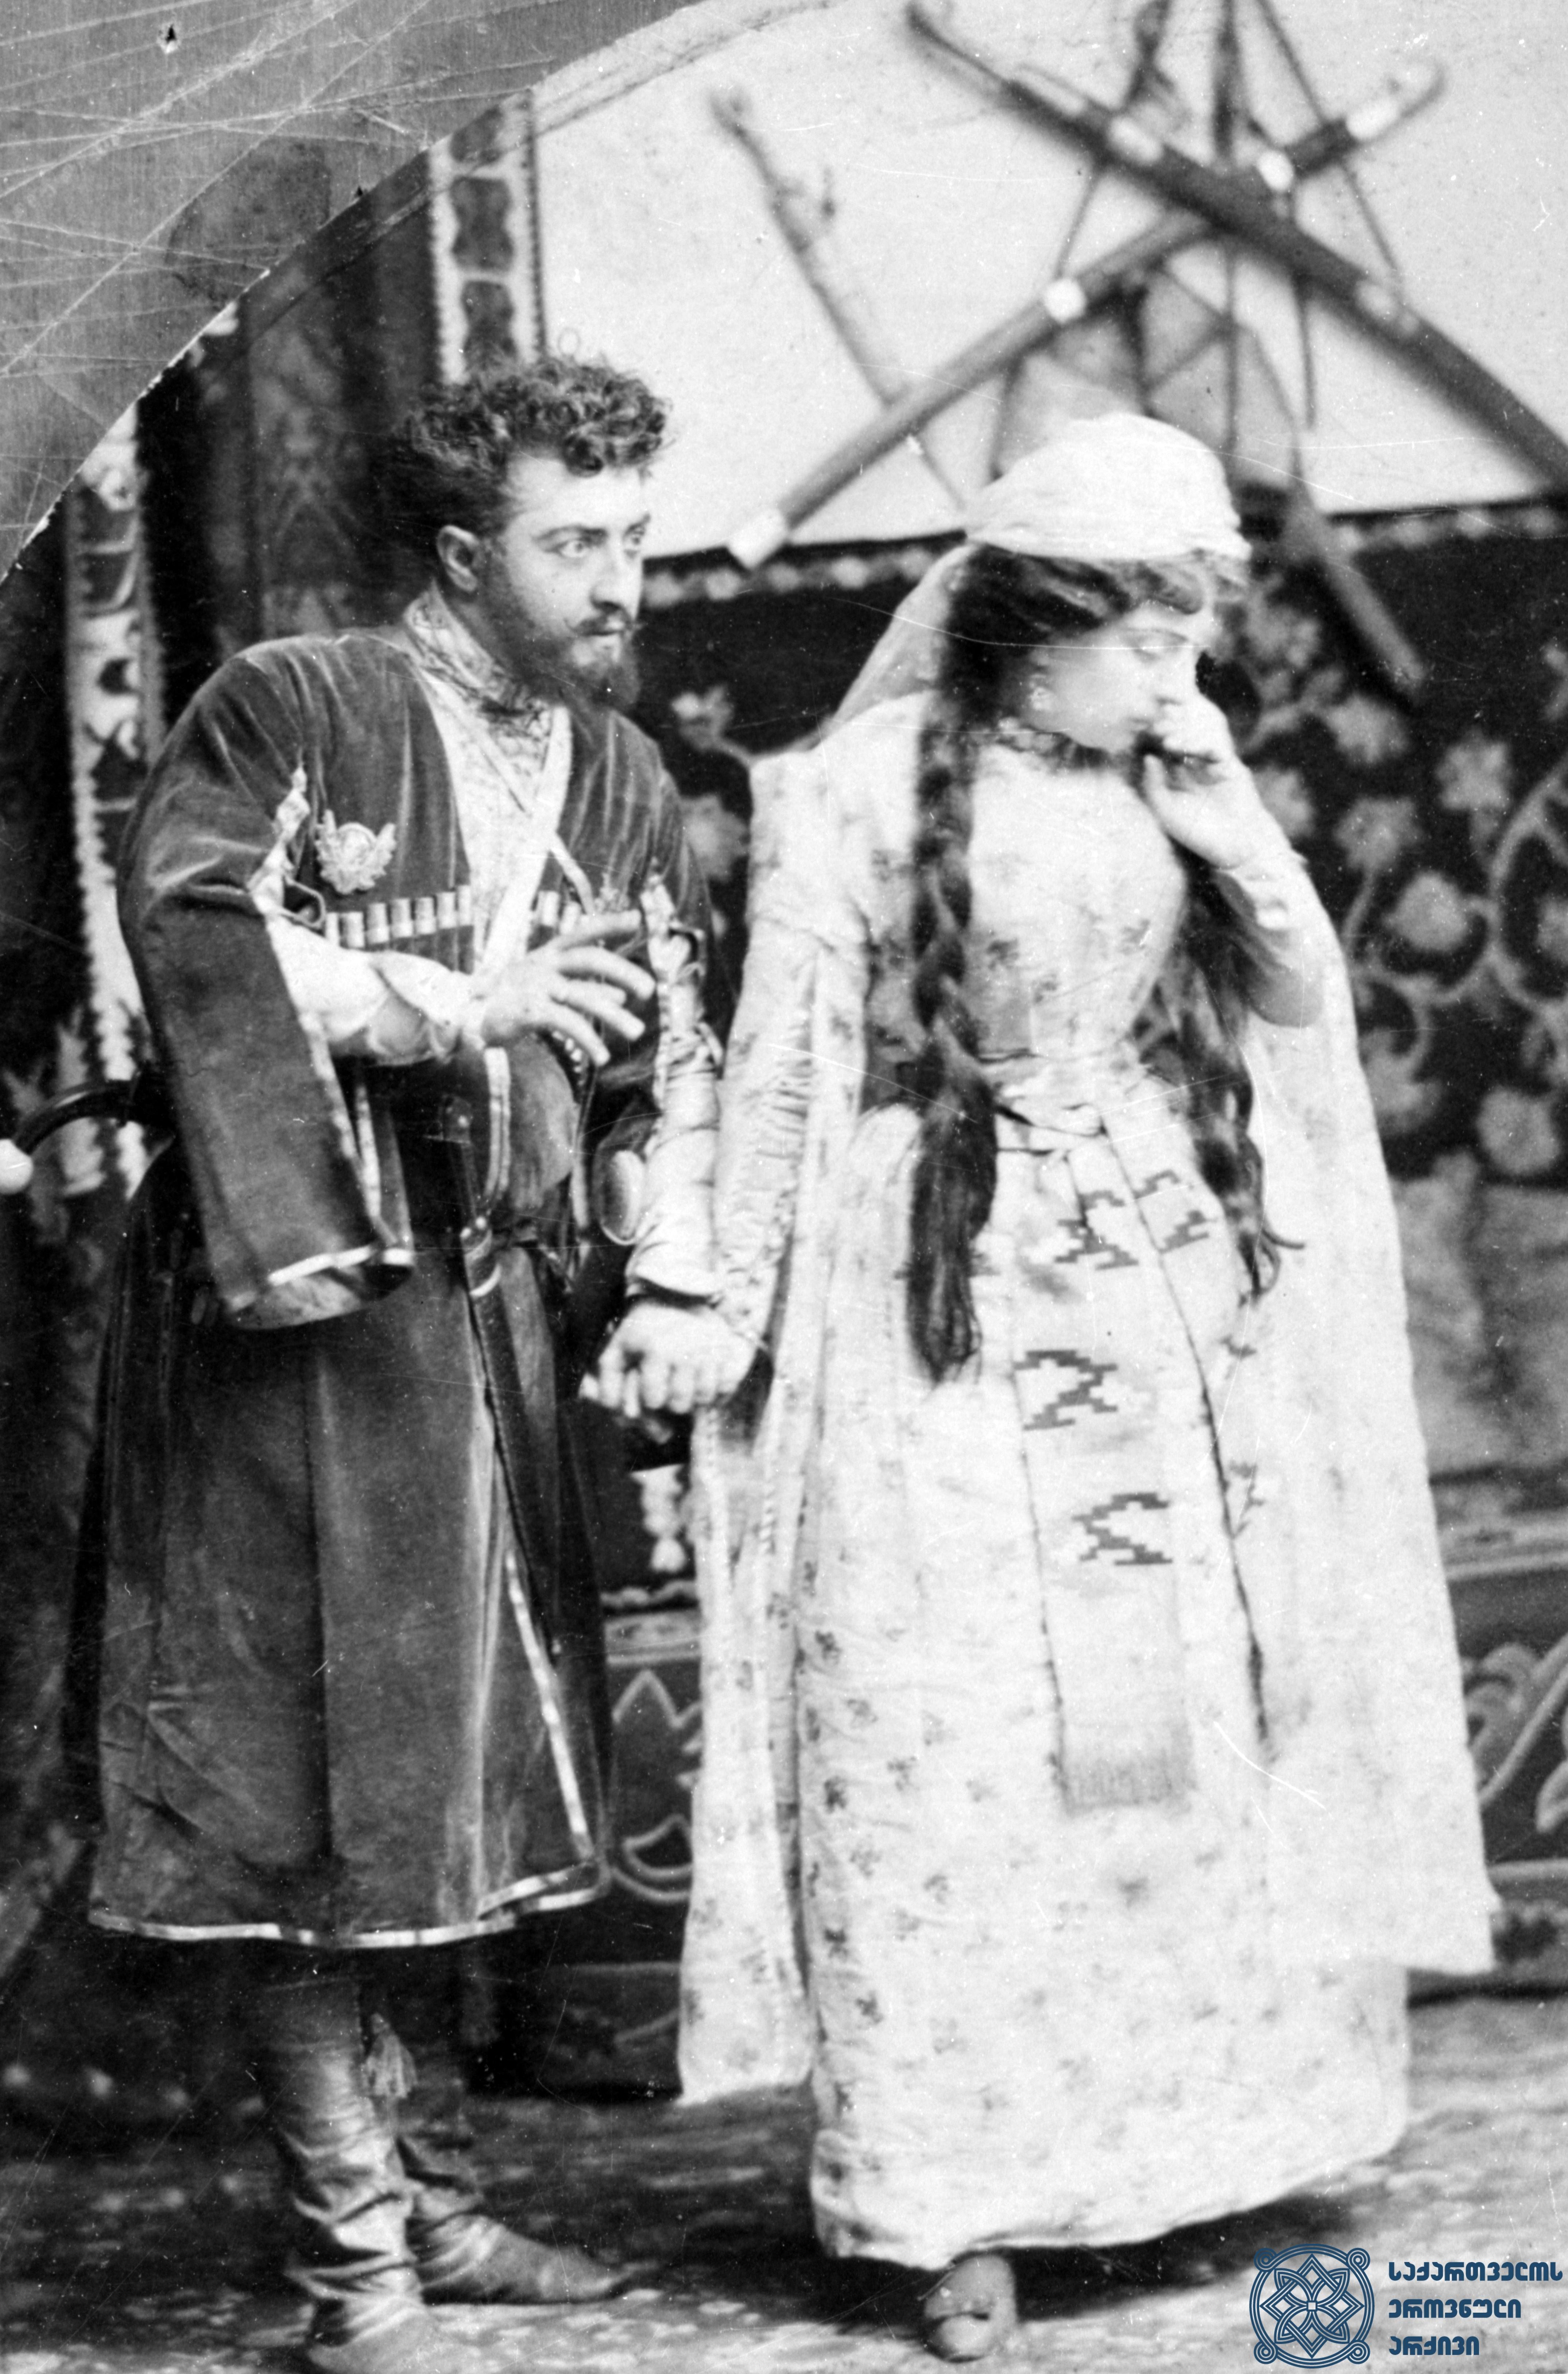 """სპექტაკლი """"და-ძმა"""".  <br> მარინე – ბაბო ავალიშვილი, ოტია – ვიქტორ გამყრელიძე. <br> ალექსანდრე როინაშვილის ფოტო, 1884 წელი. <Br> The performance """"Da-Dzma"""" (""""Siblings""""). <br> Babo Avalishvili as Marine, Victor Gamkrelidze as Otia. <br> Photo by Alexandre Roinashvili, 1884."""